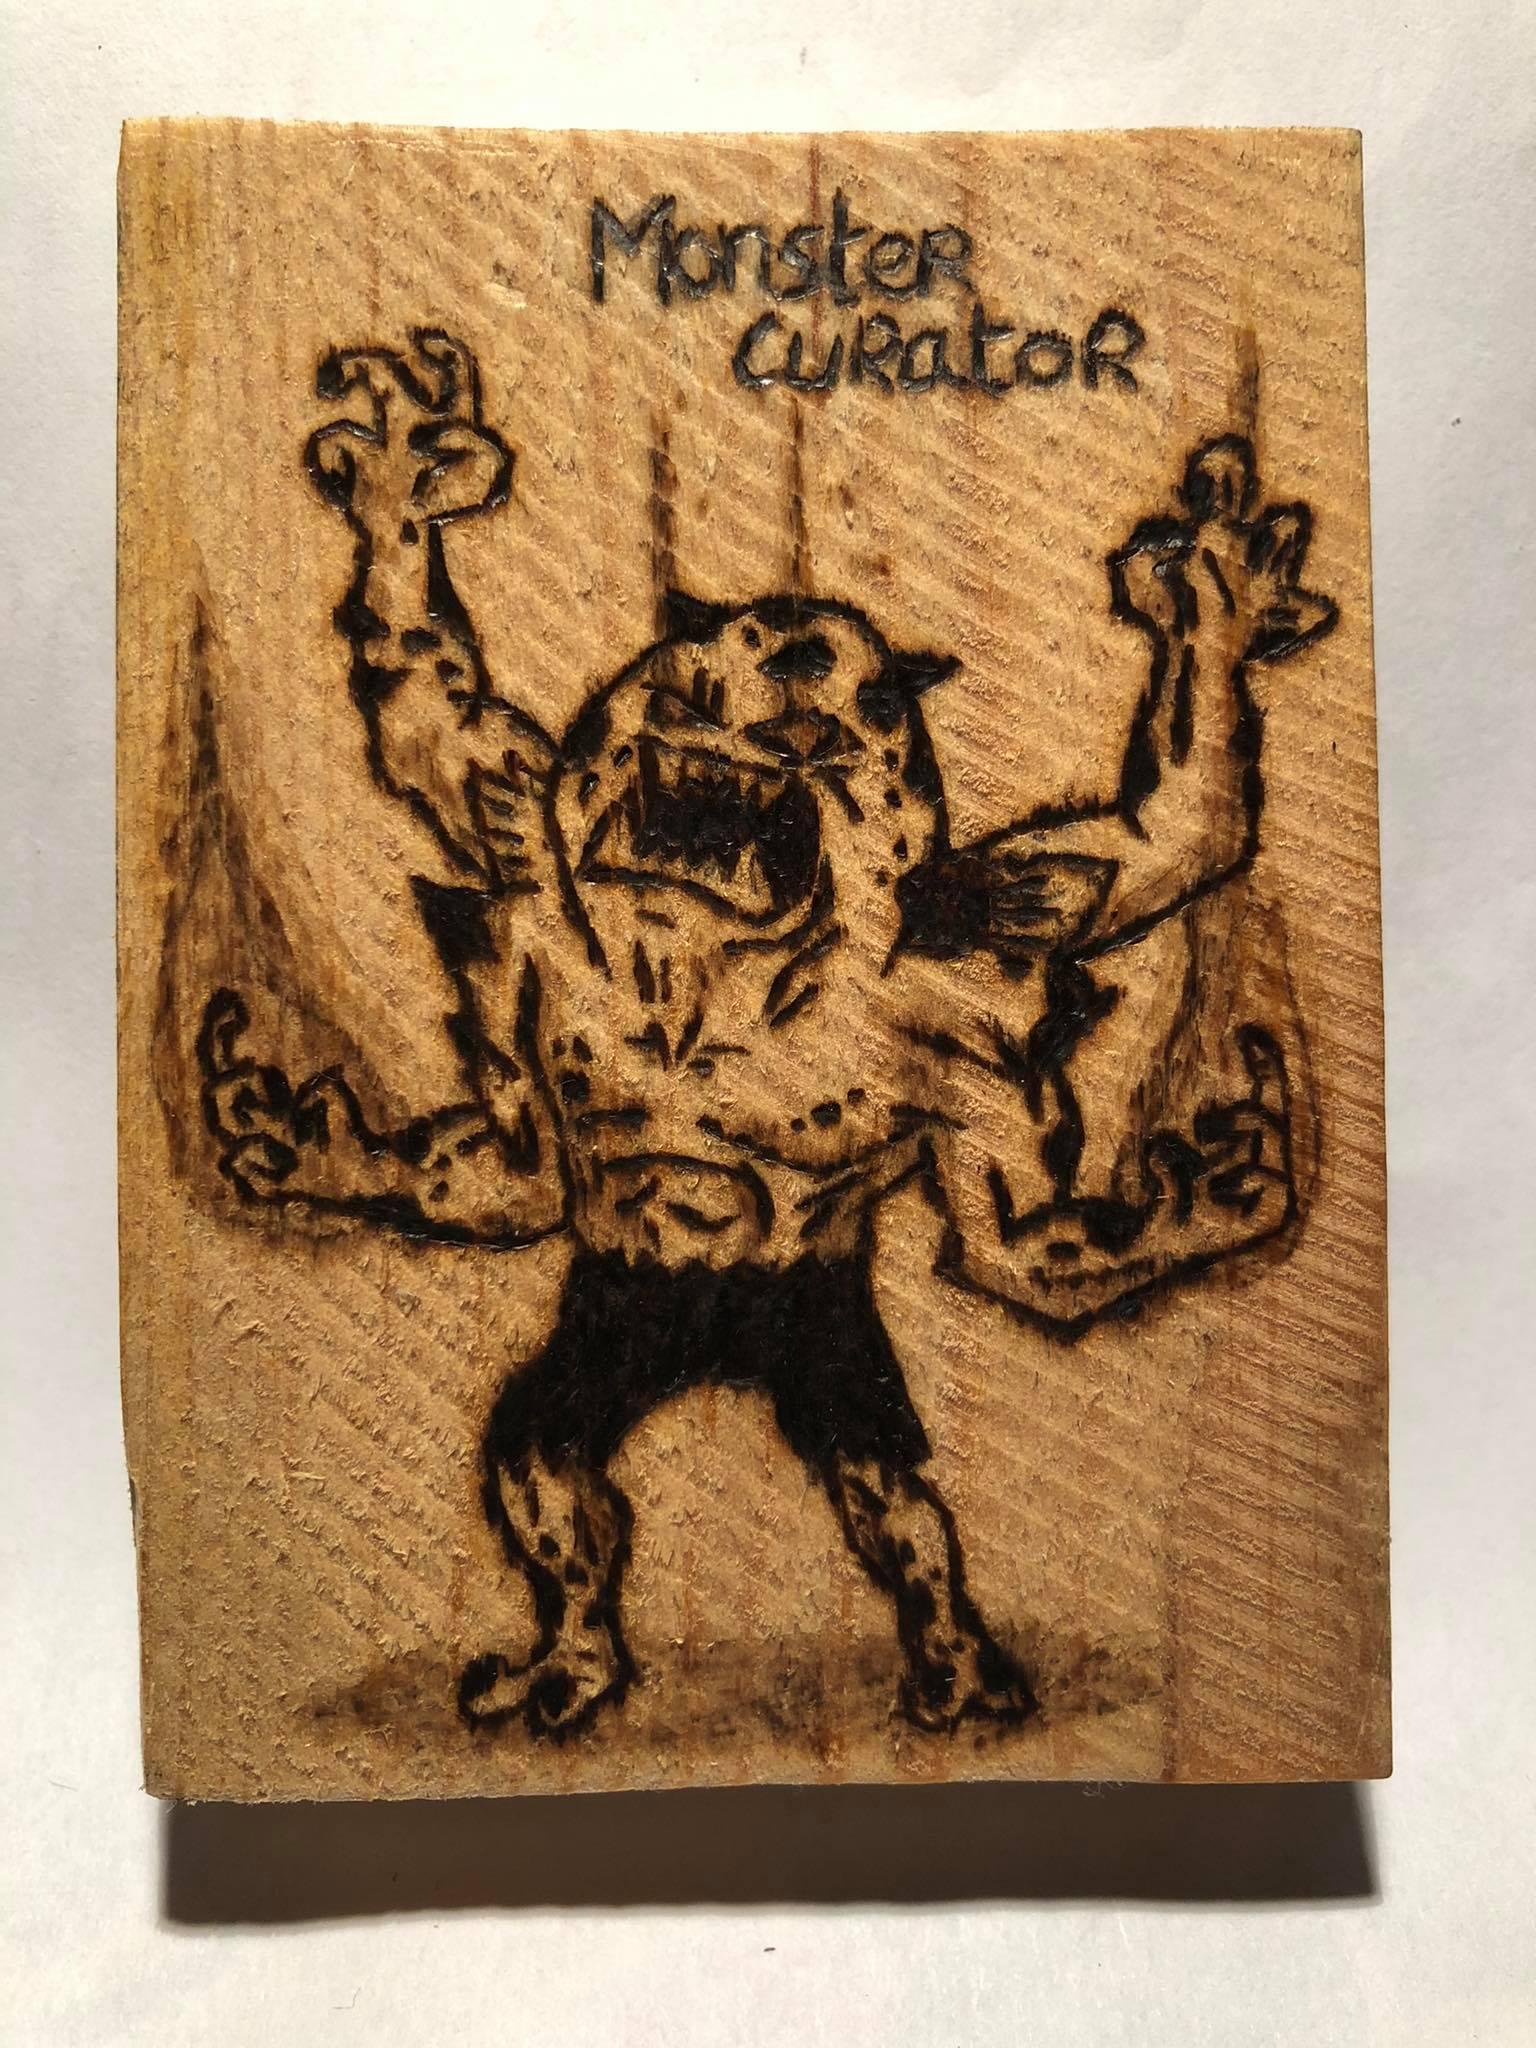 Monster Curator Final.jpeg